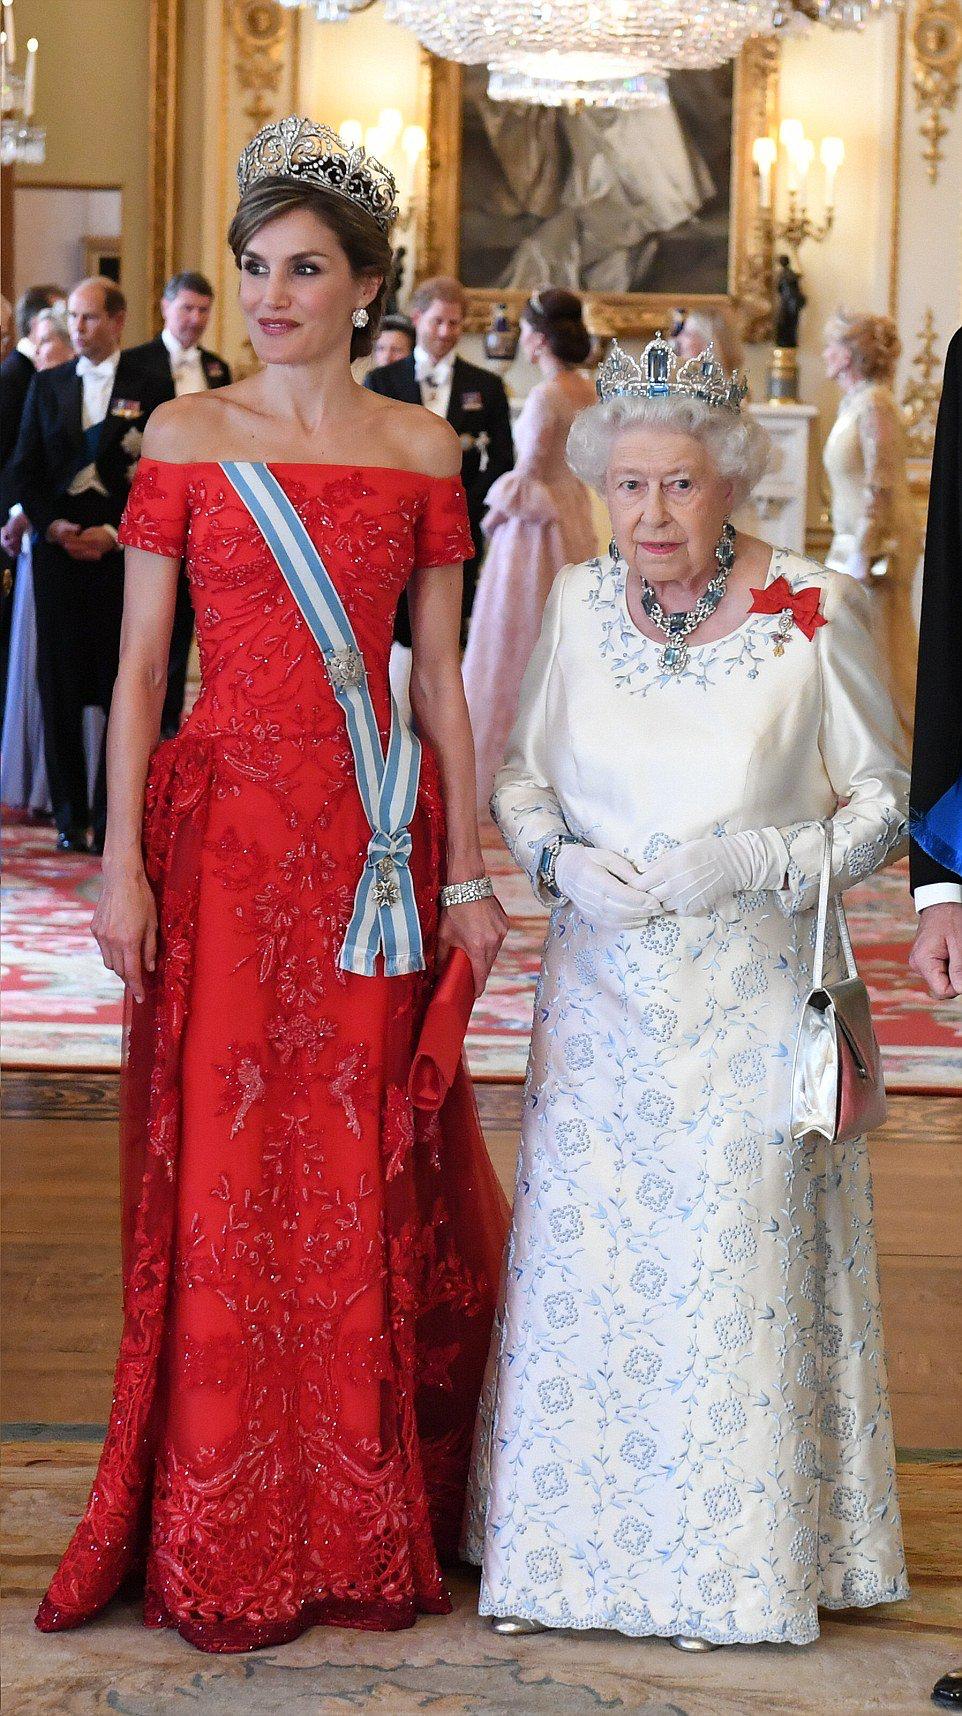 10 Kreativ Abendkleider Queen Elizabeth für 2019 Genial Abendkleider Queen Elizabeth Stylish